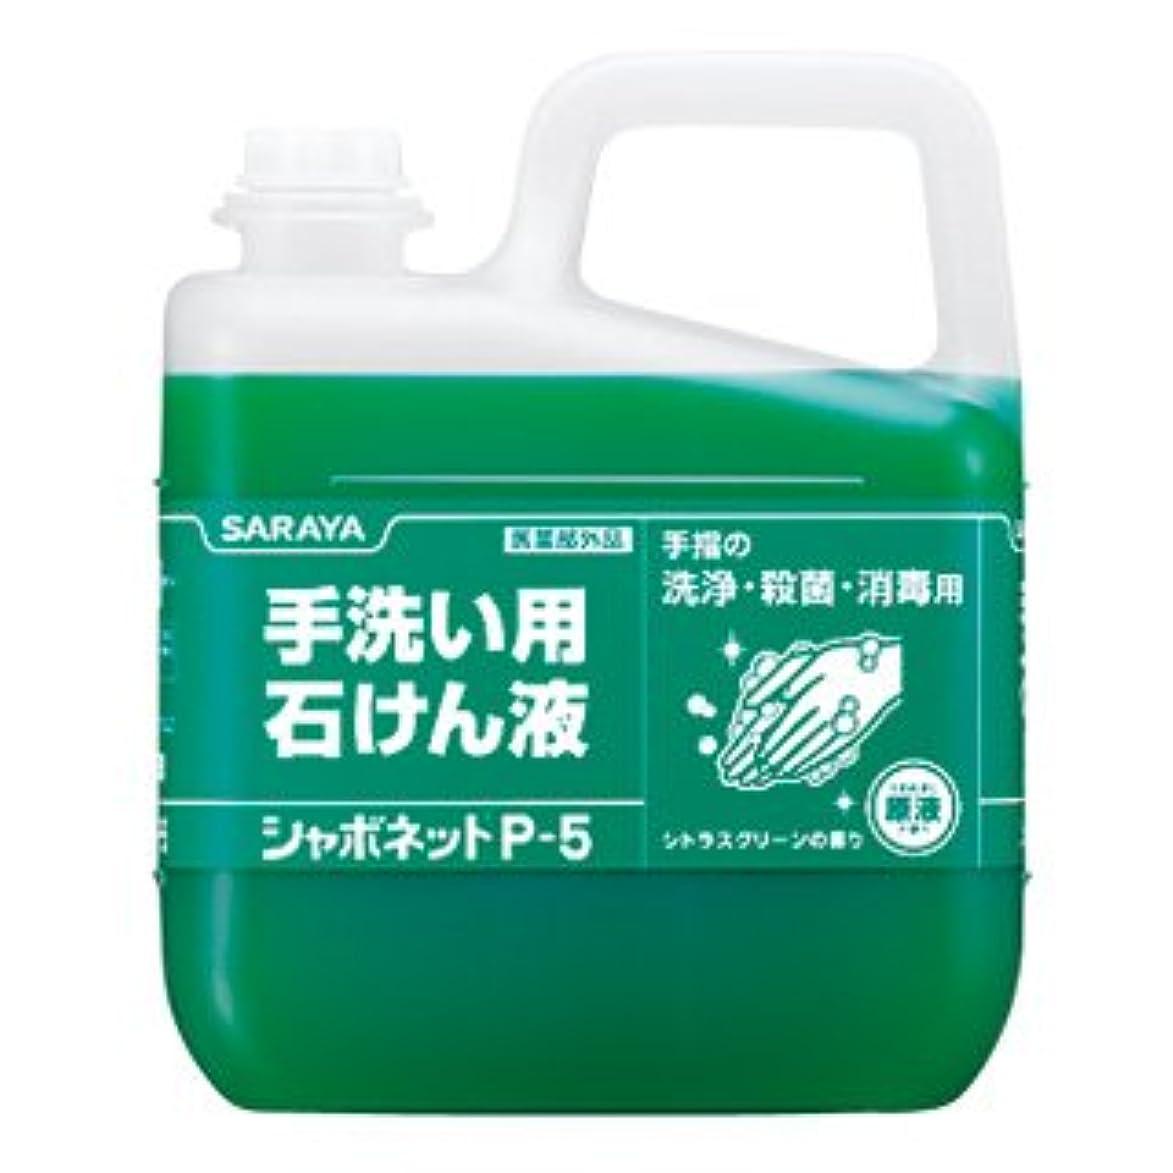 コスト治世等々サラヤ シャボネット P-5 5kg×3 シトラスグリーンの香り